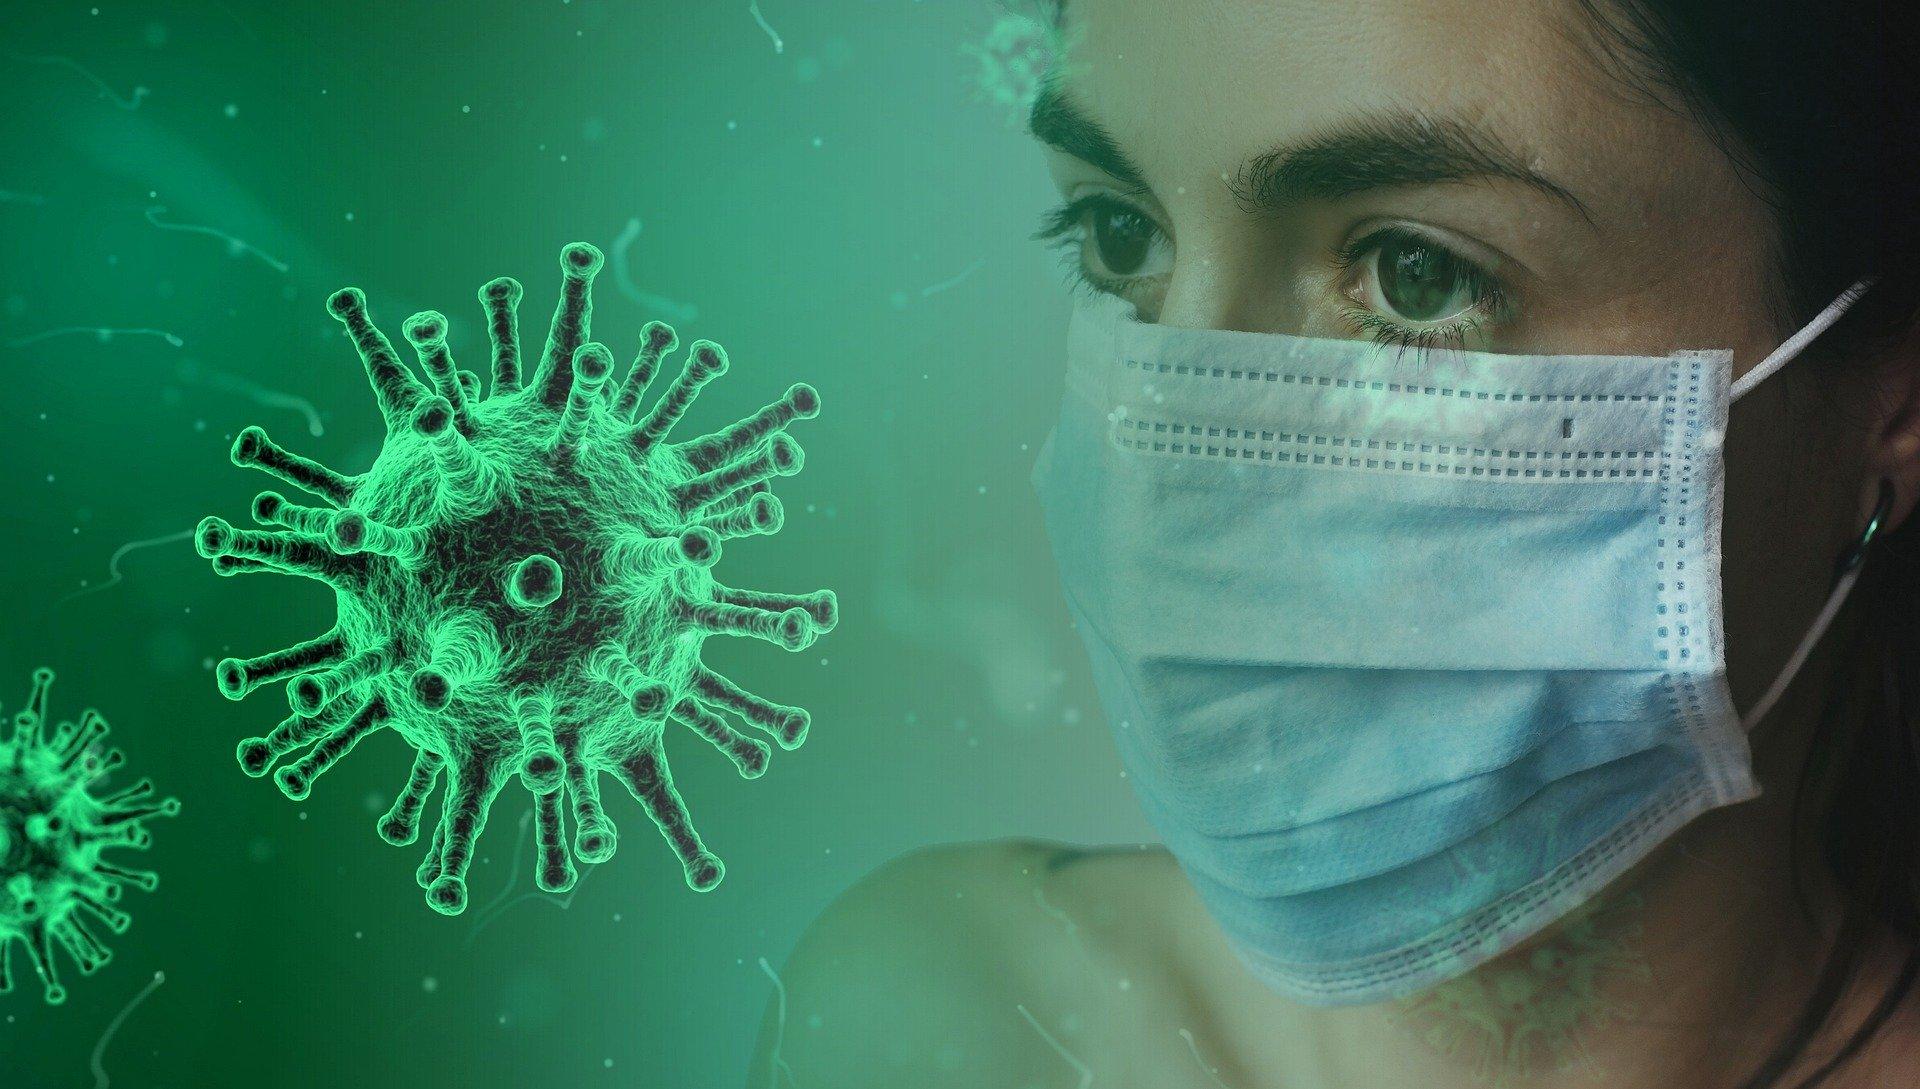 Corona-Pandemie und Zweite Welle